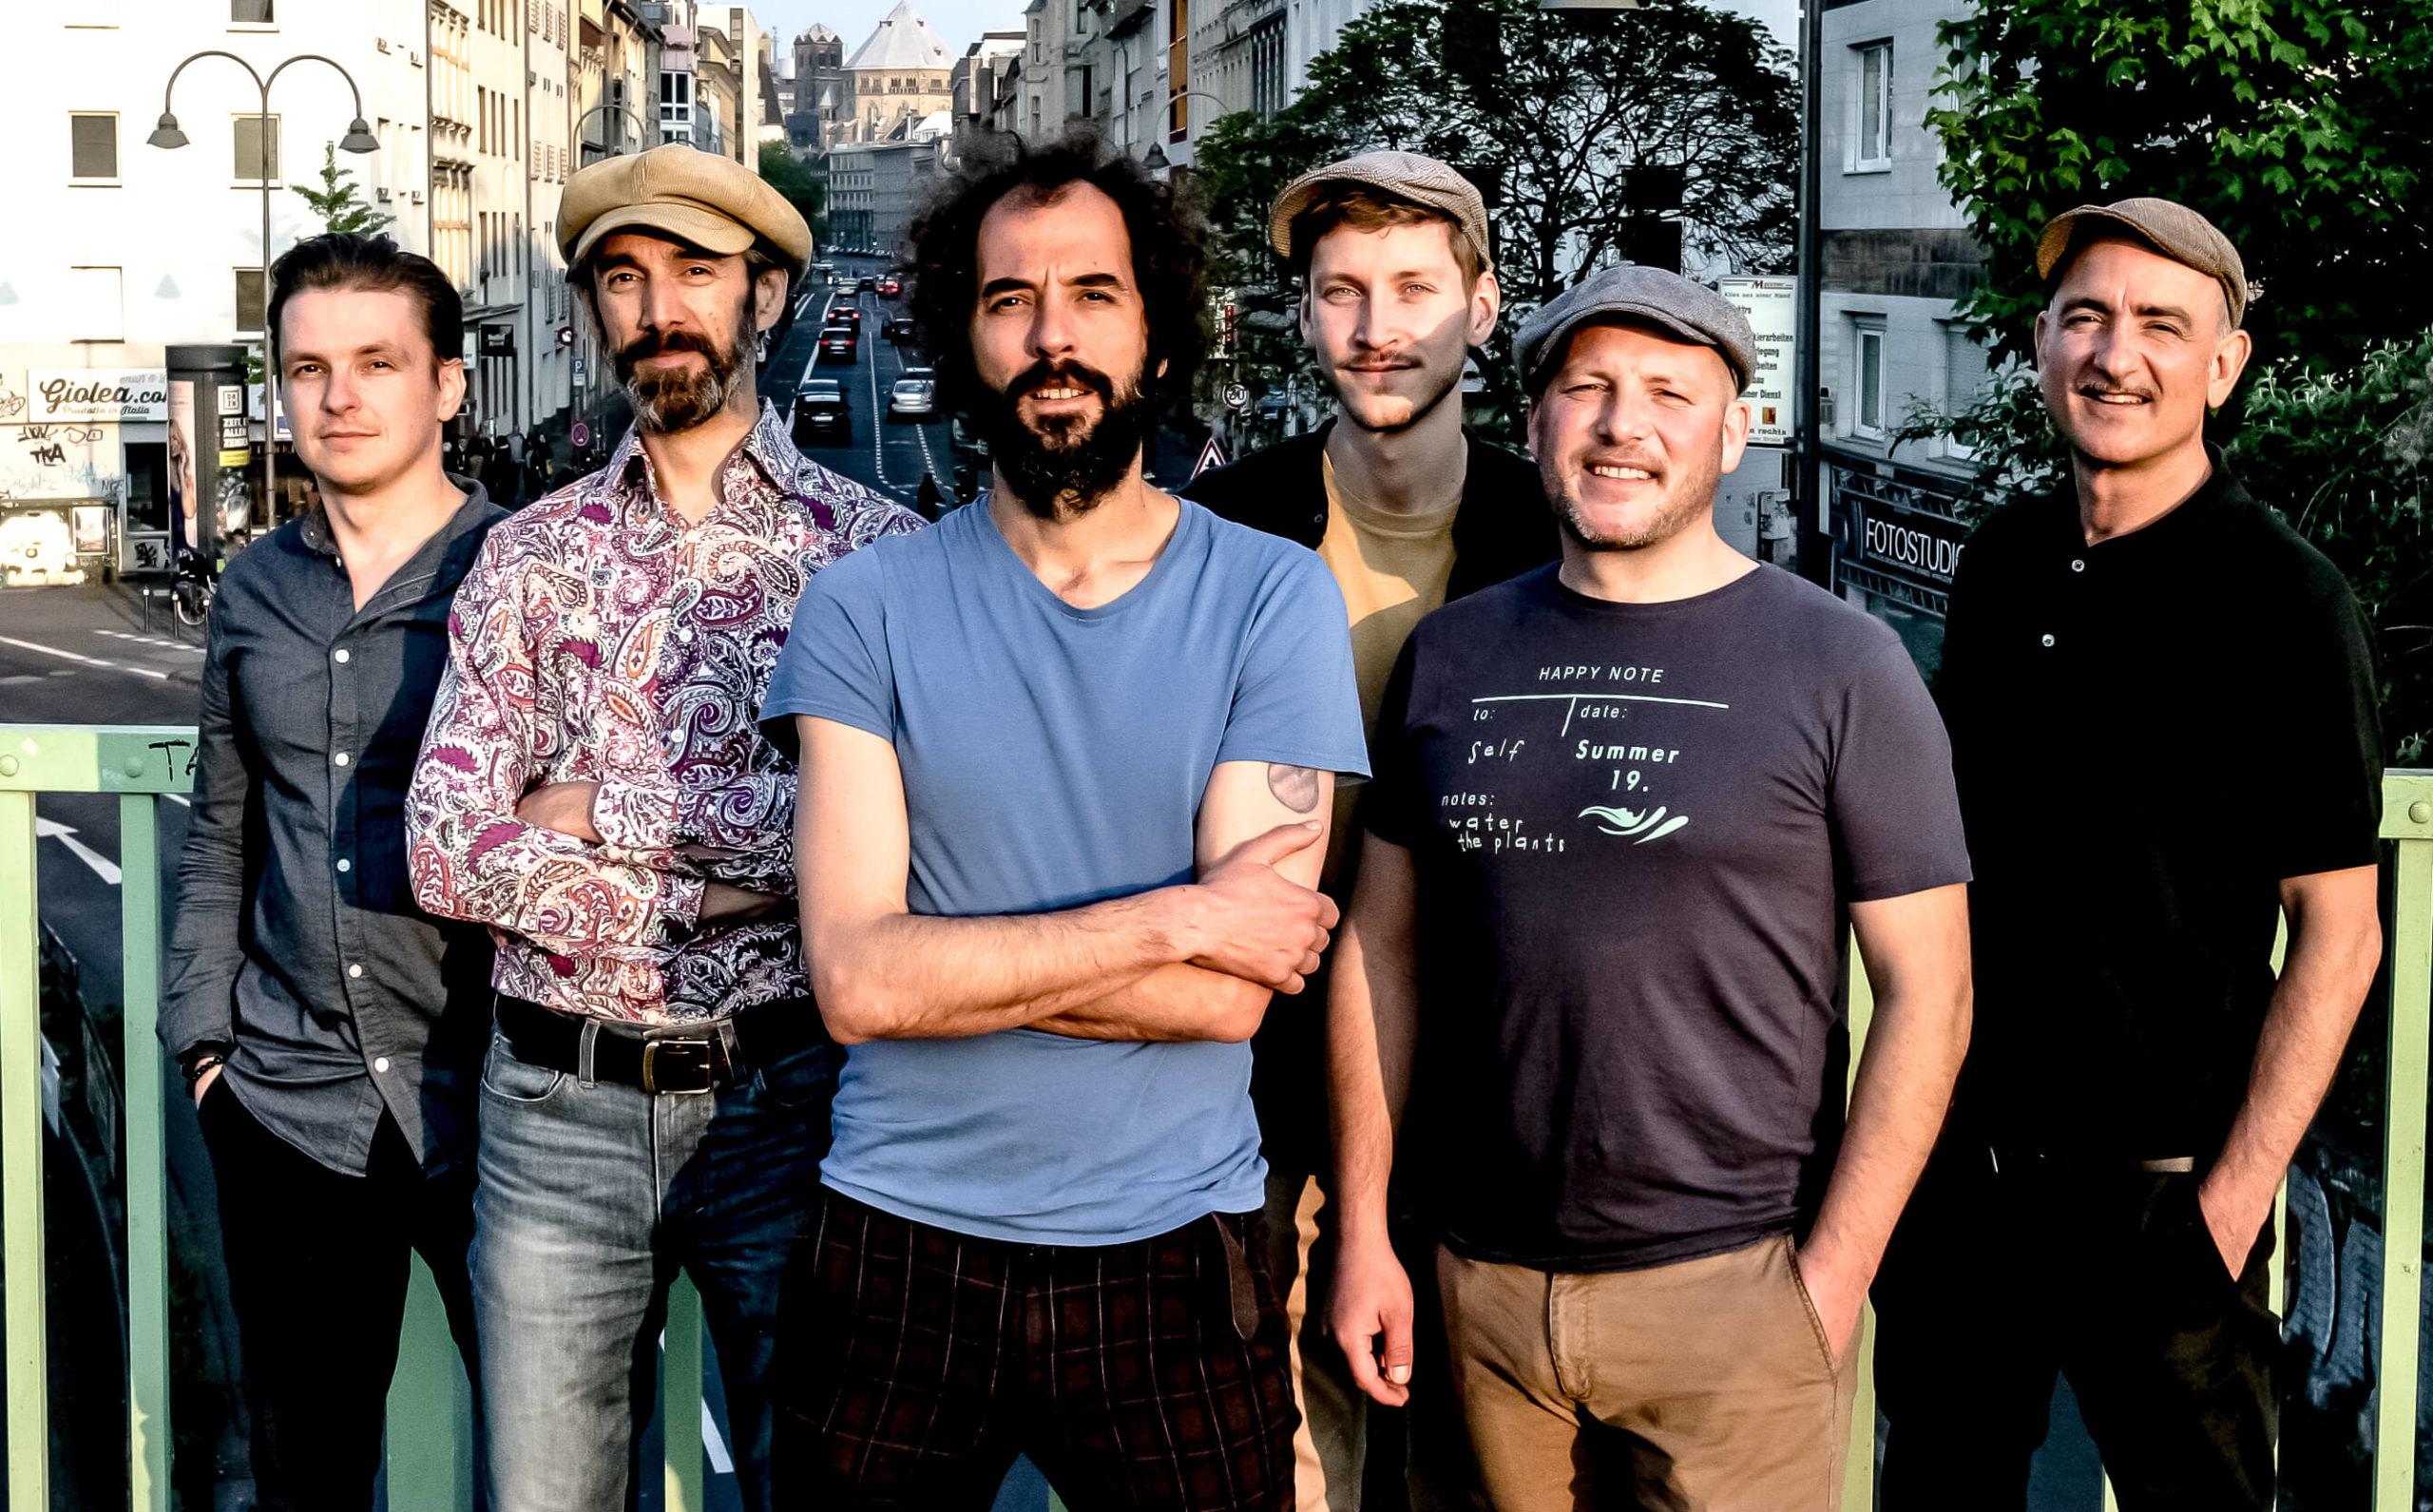 Chanson Trottoir - Band